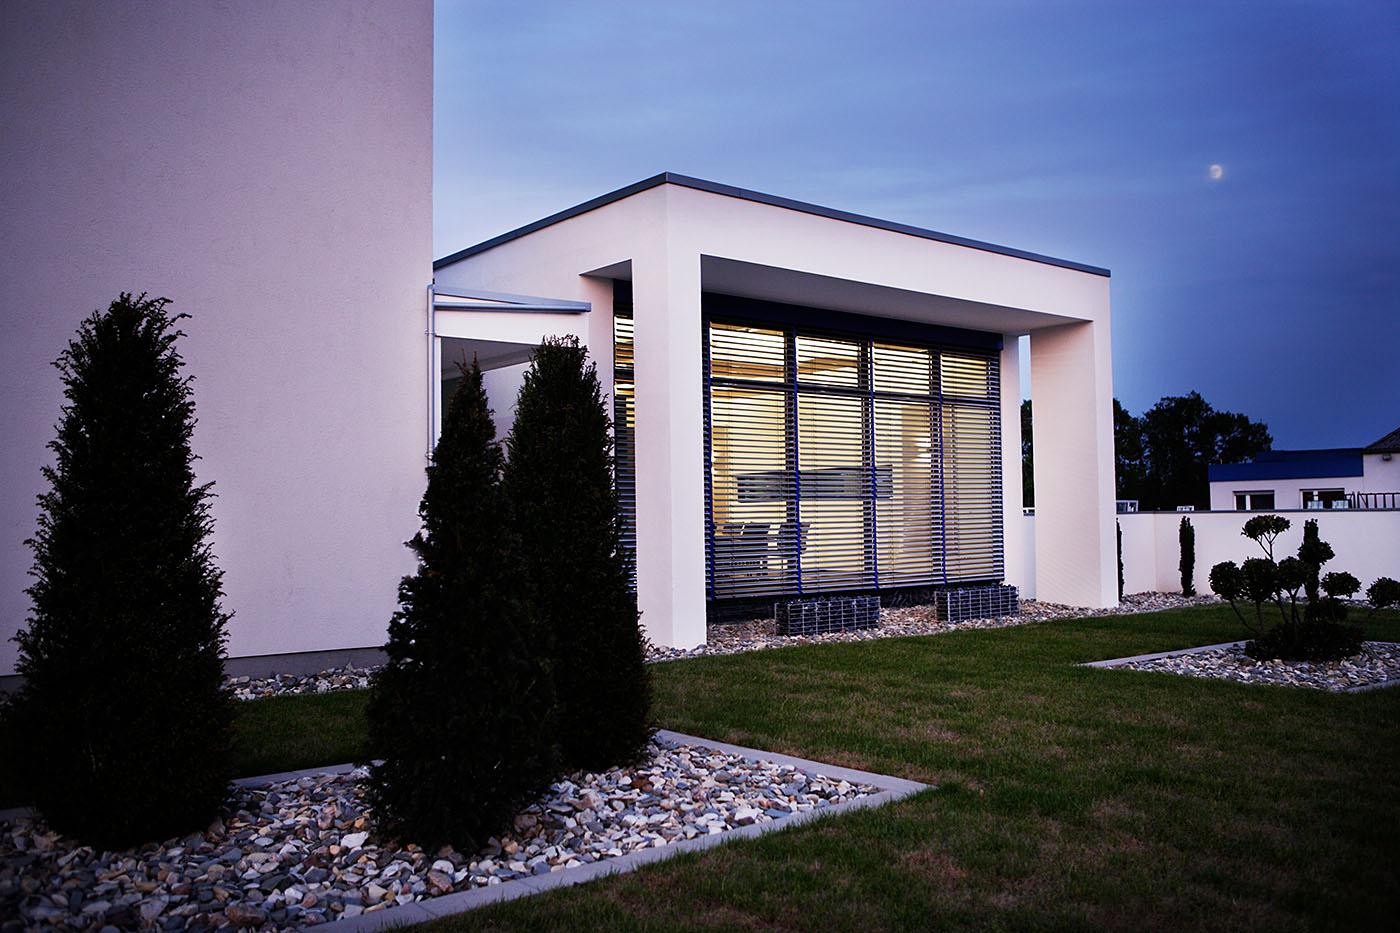 Fenster Rietberg ᐅ architektur fotoreferenzen barbara meinhardt fotodesign